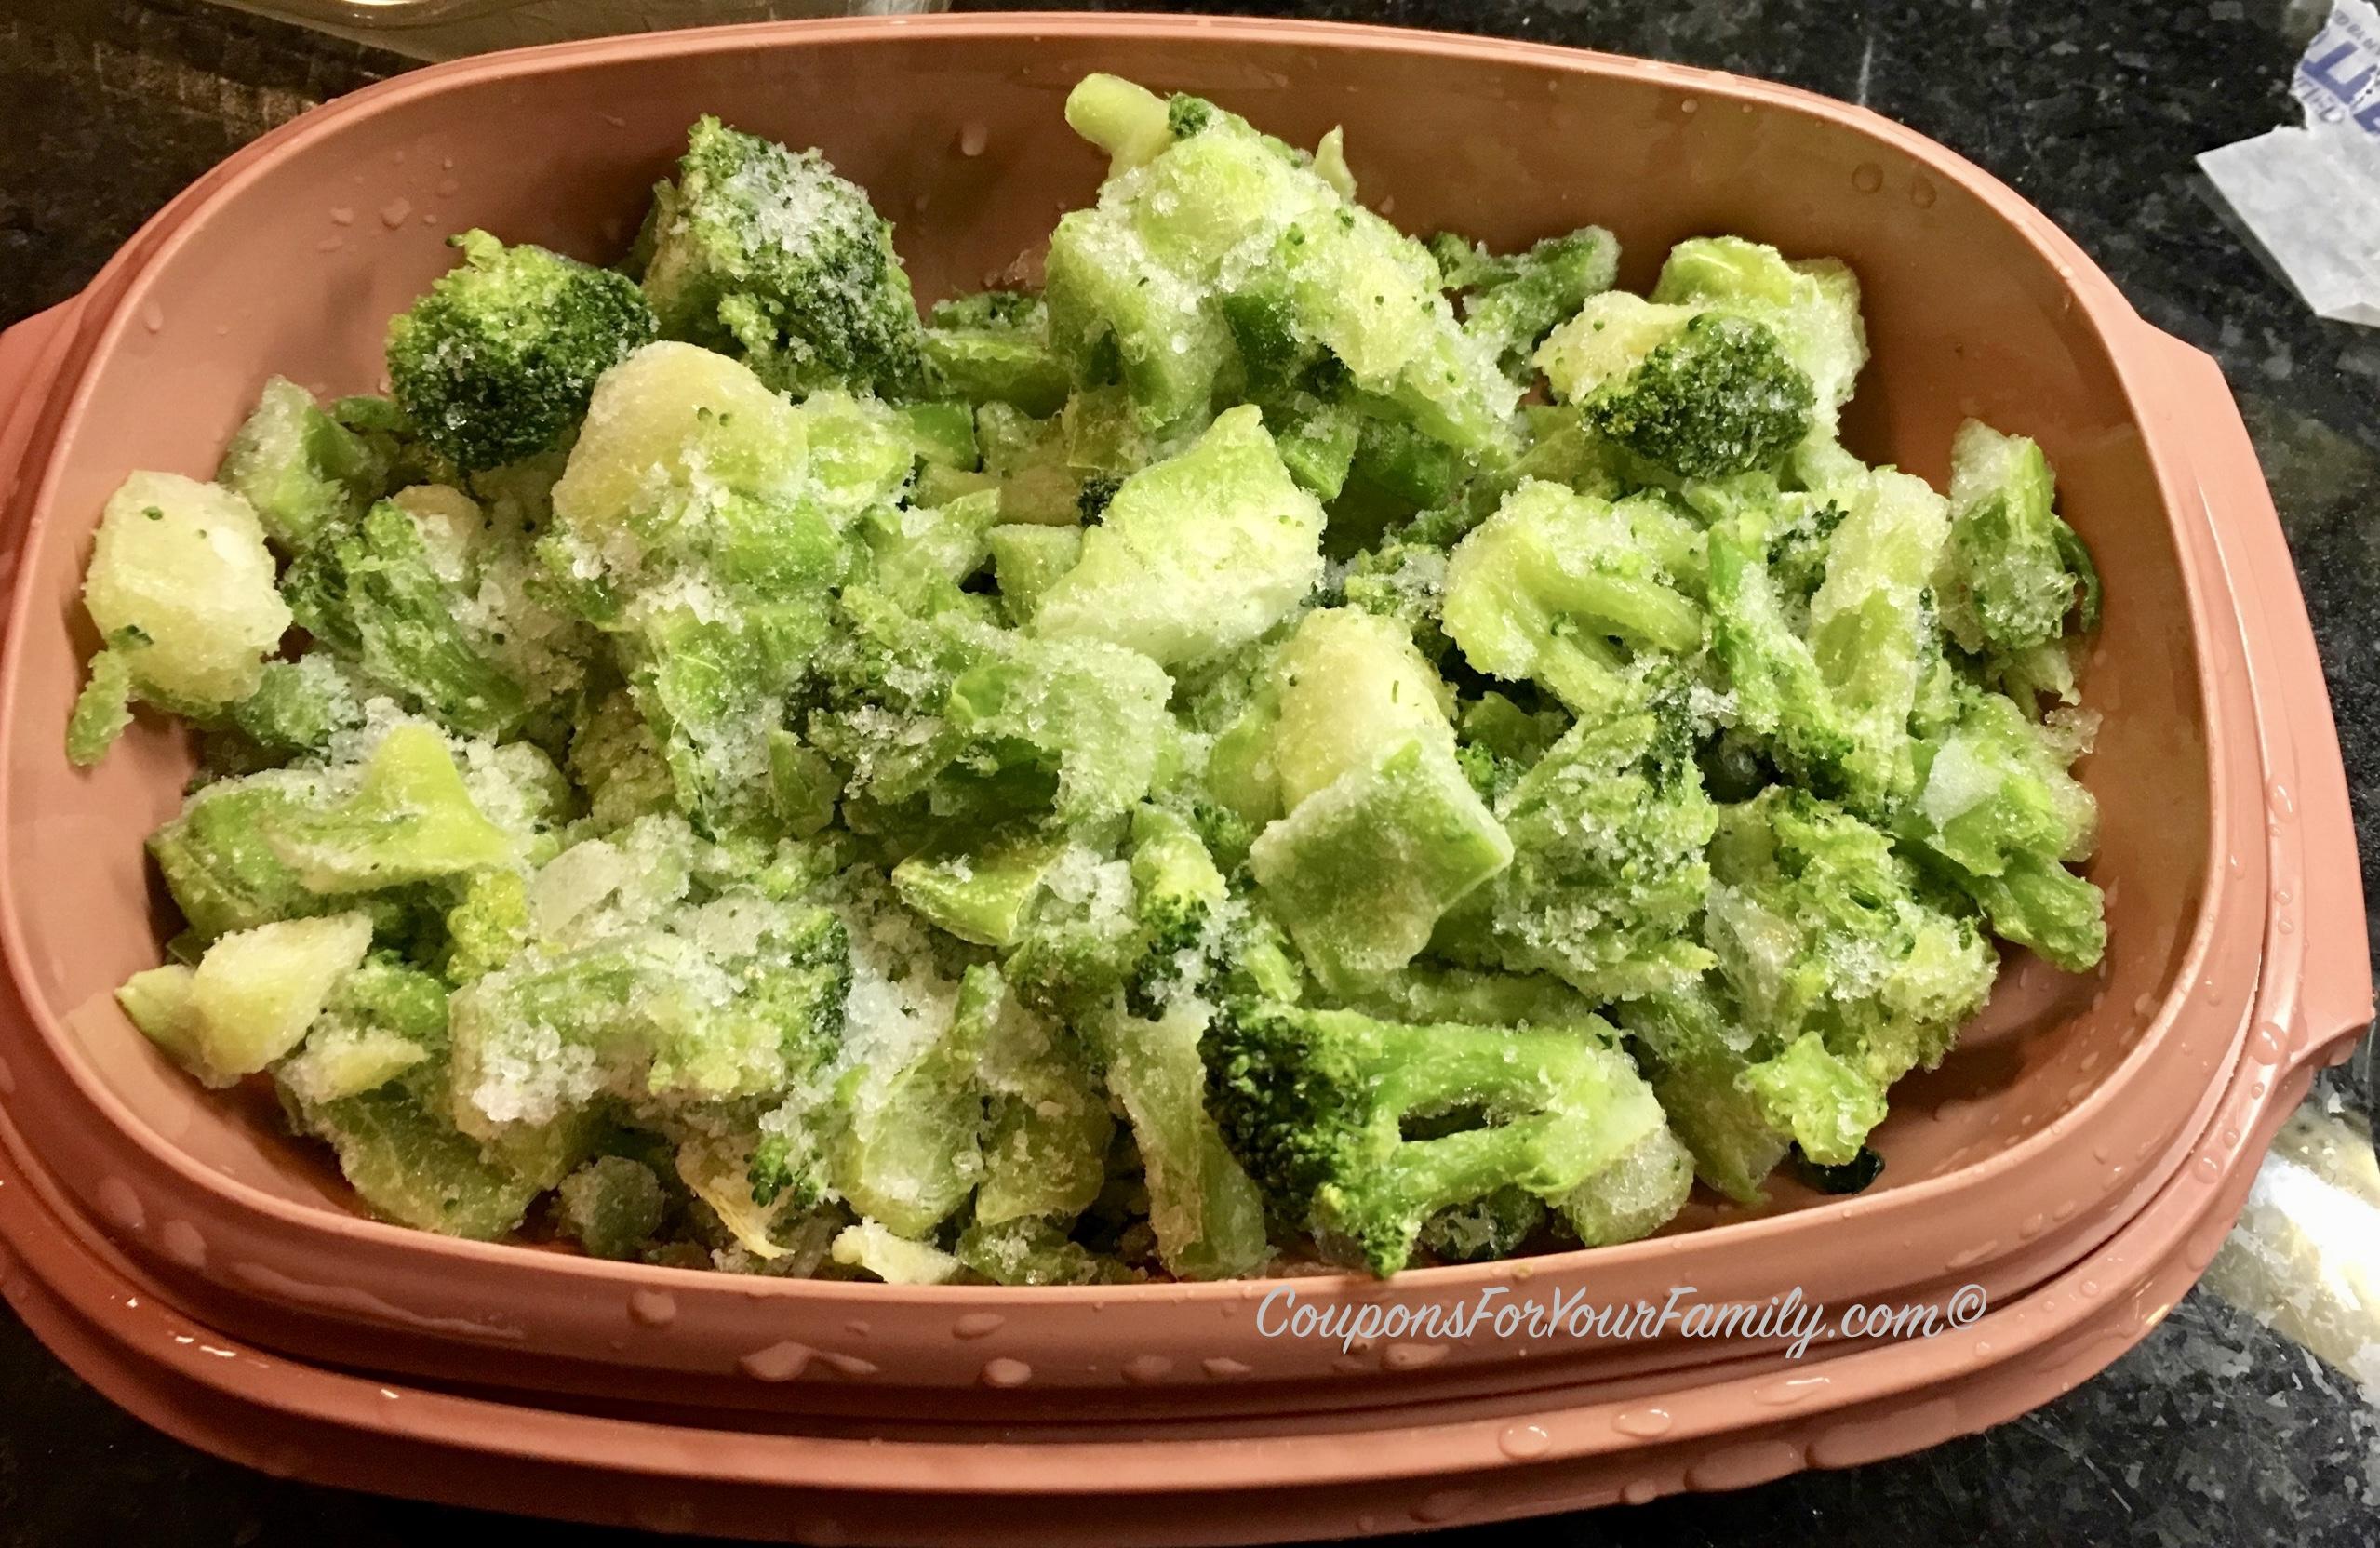 cheesy broccoli brown rice recipe